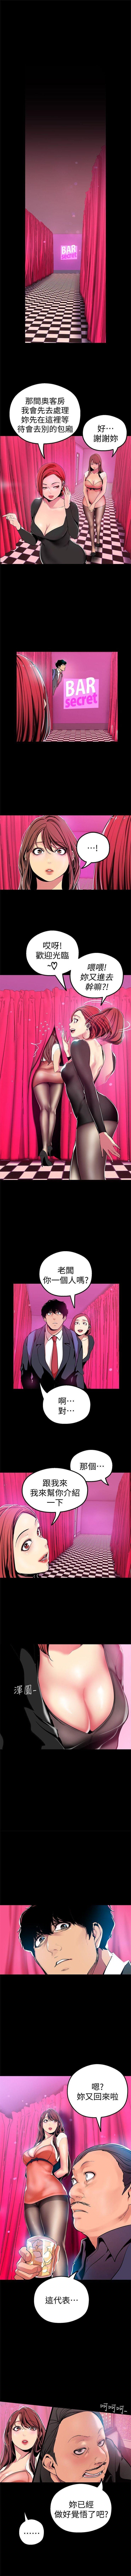 (週1)美麗新世界 1-76 中文翻譯 (更新中) 234